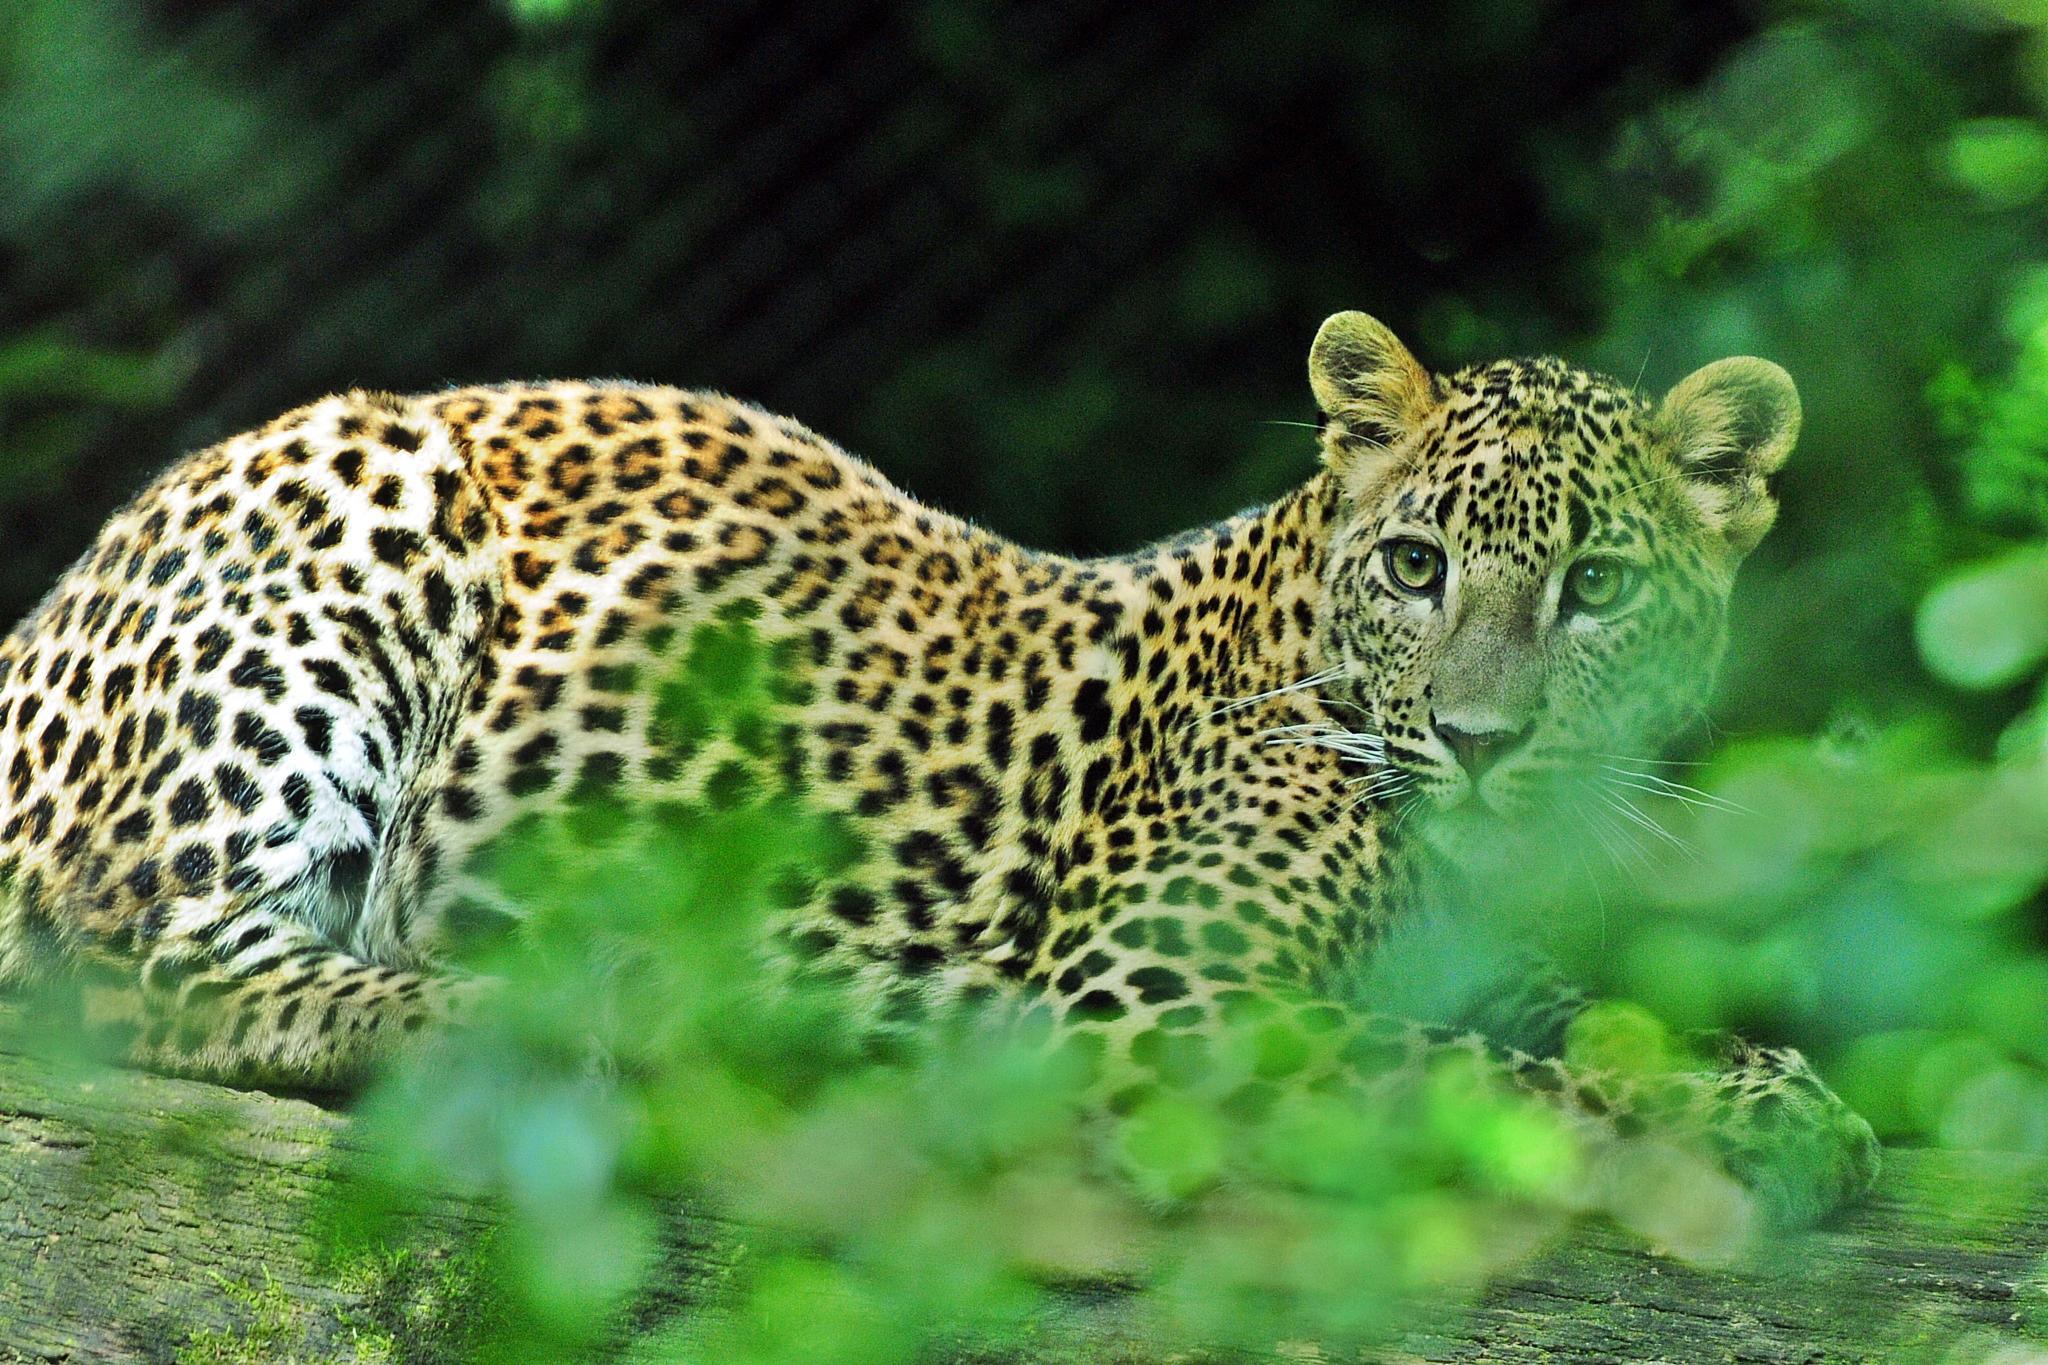 jaguar by henkschneider